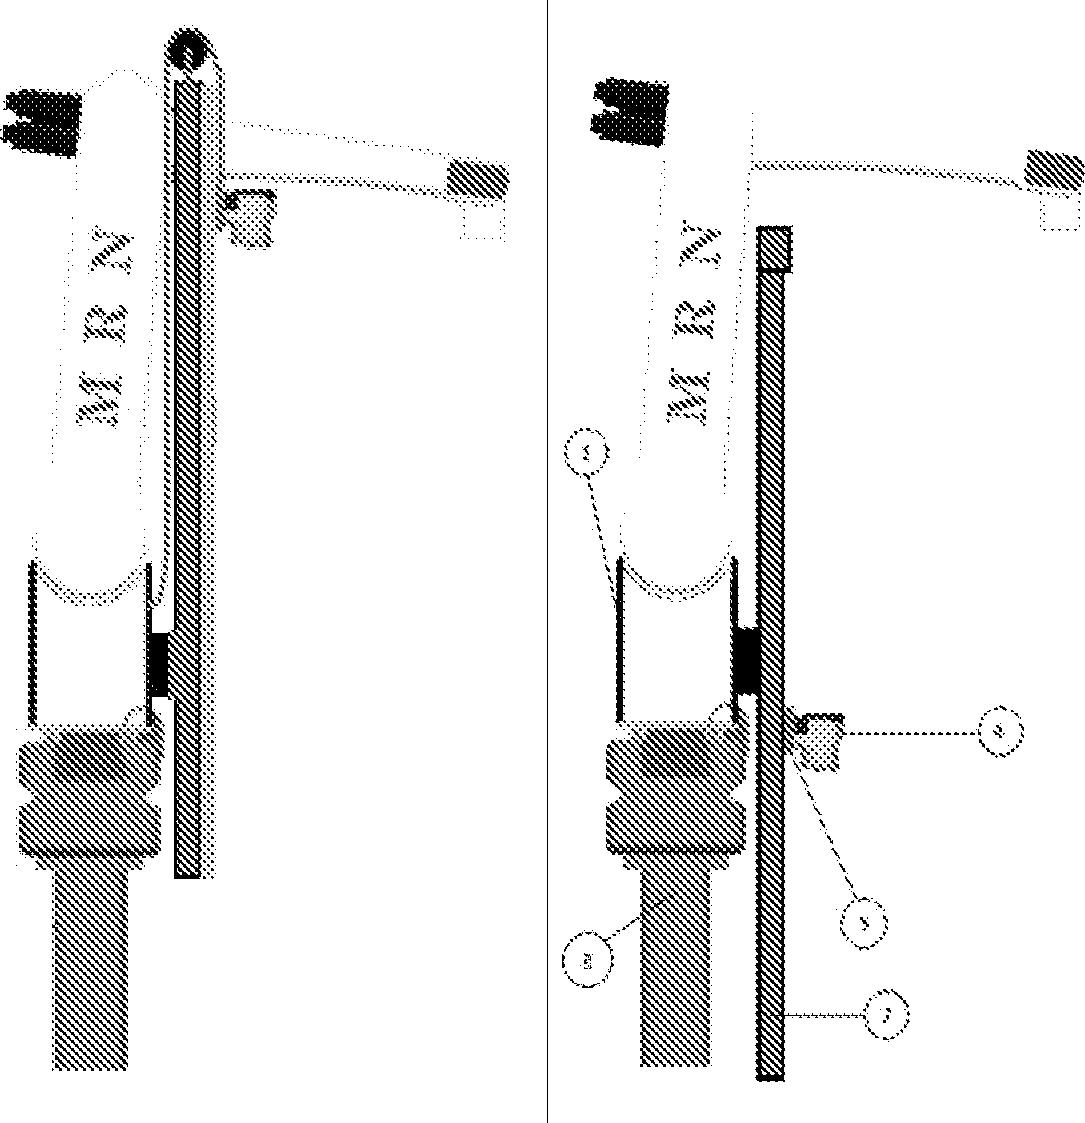 Figure DK201700203A1_C0004